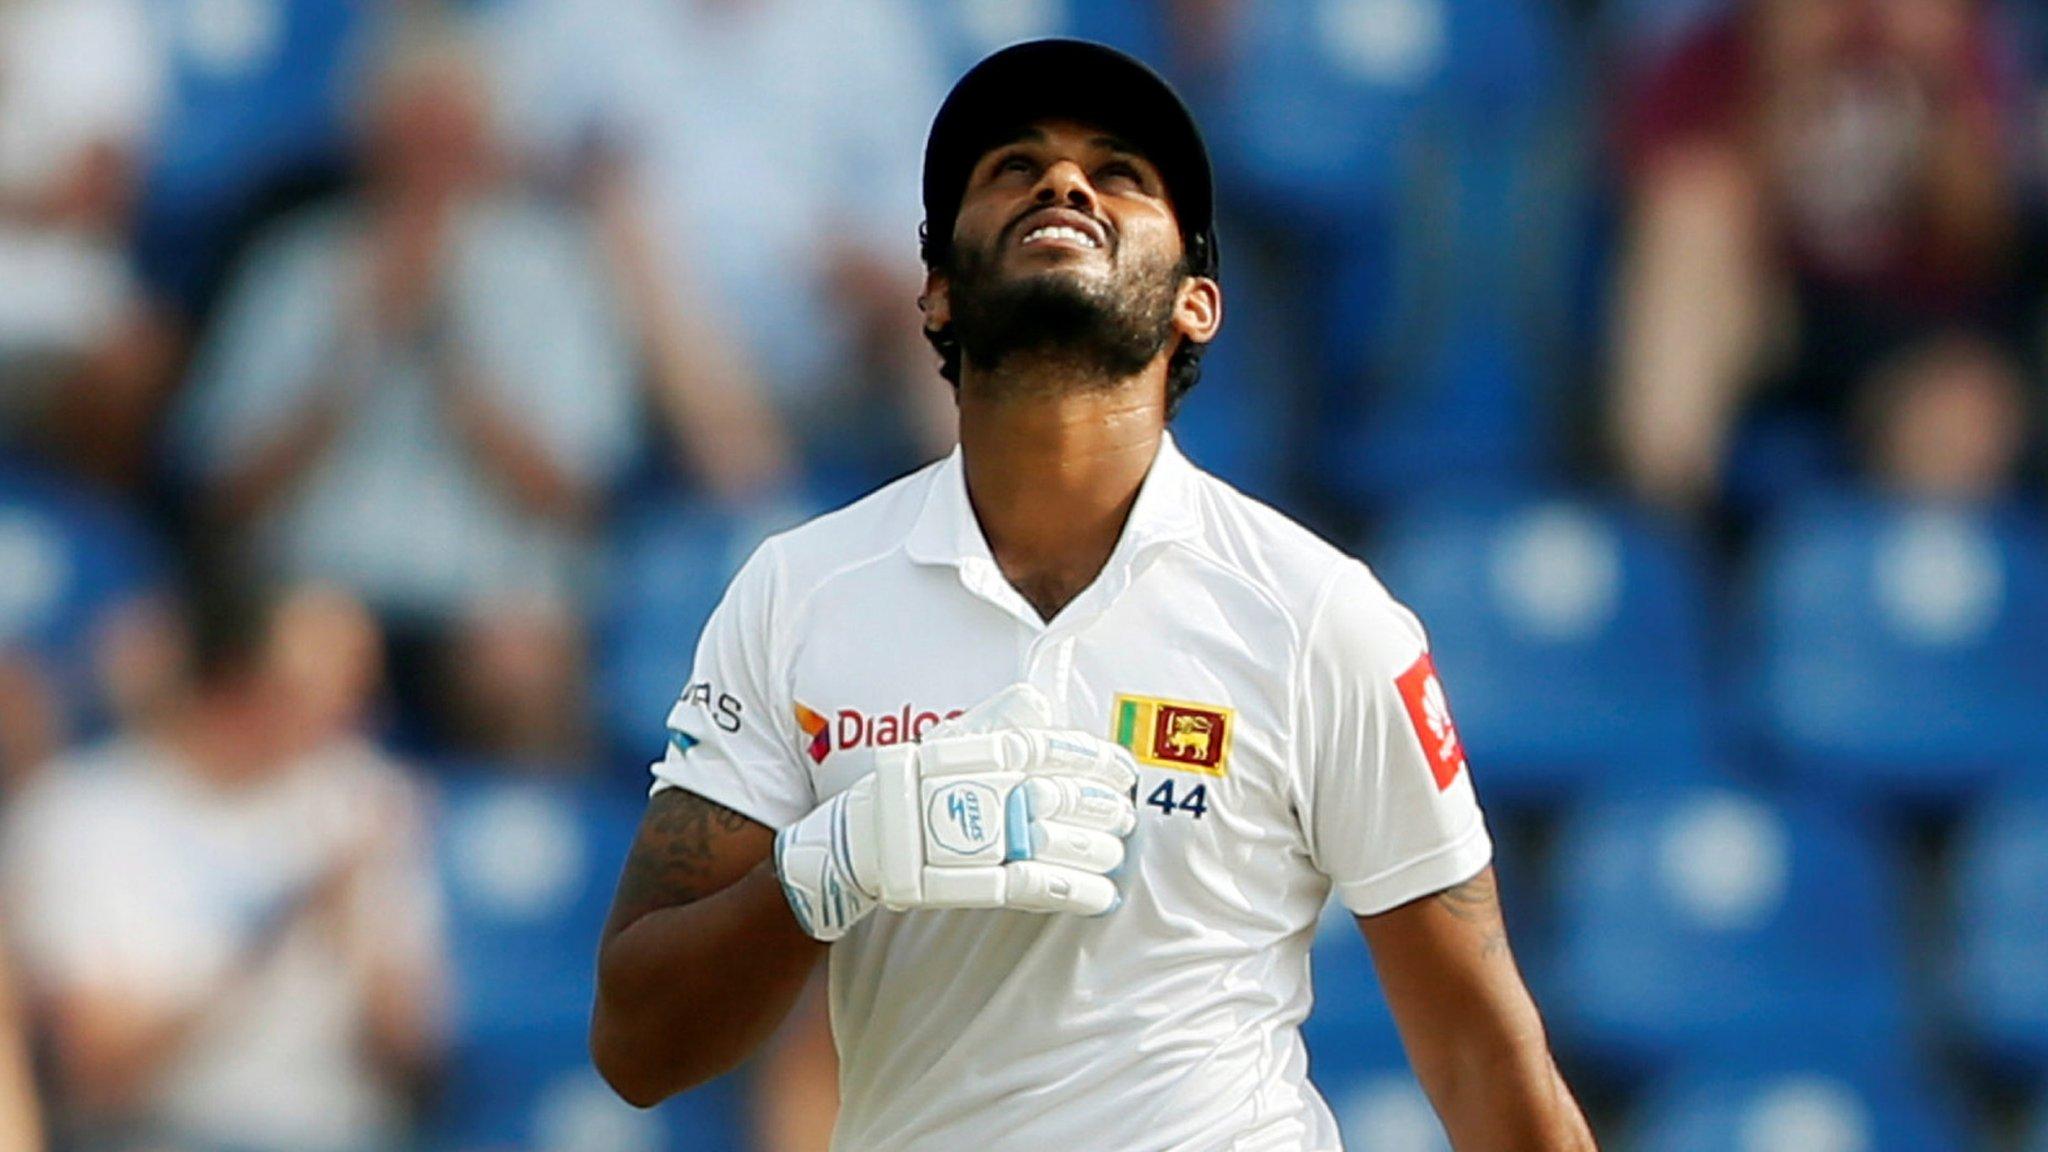 Roshen's 85 gives Sri Lanka lead over England